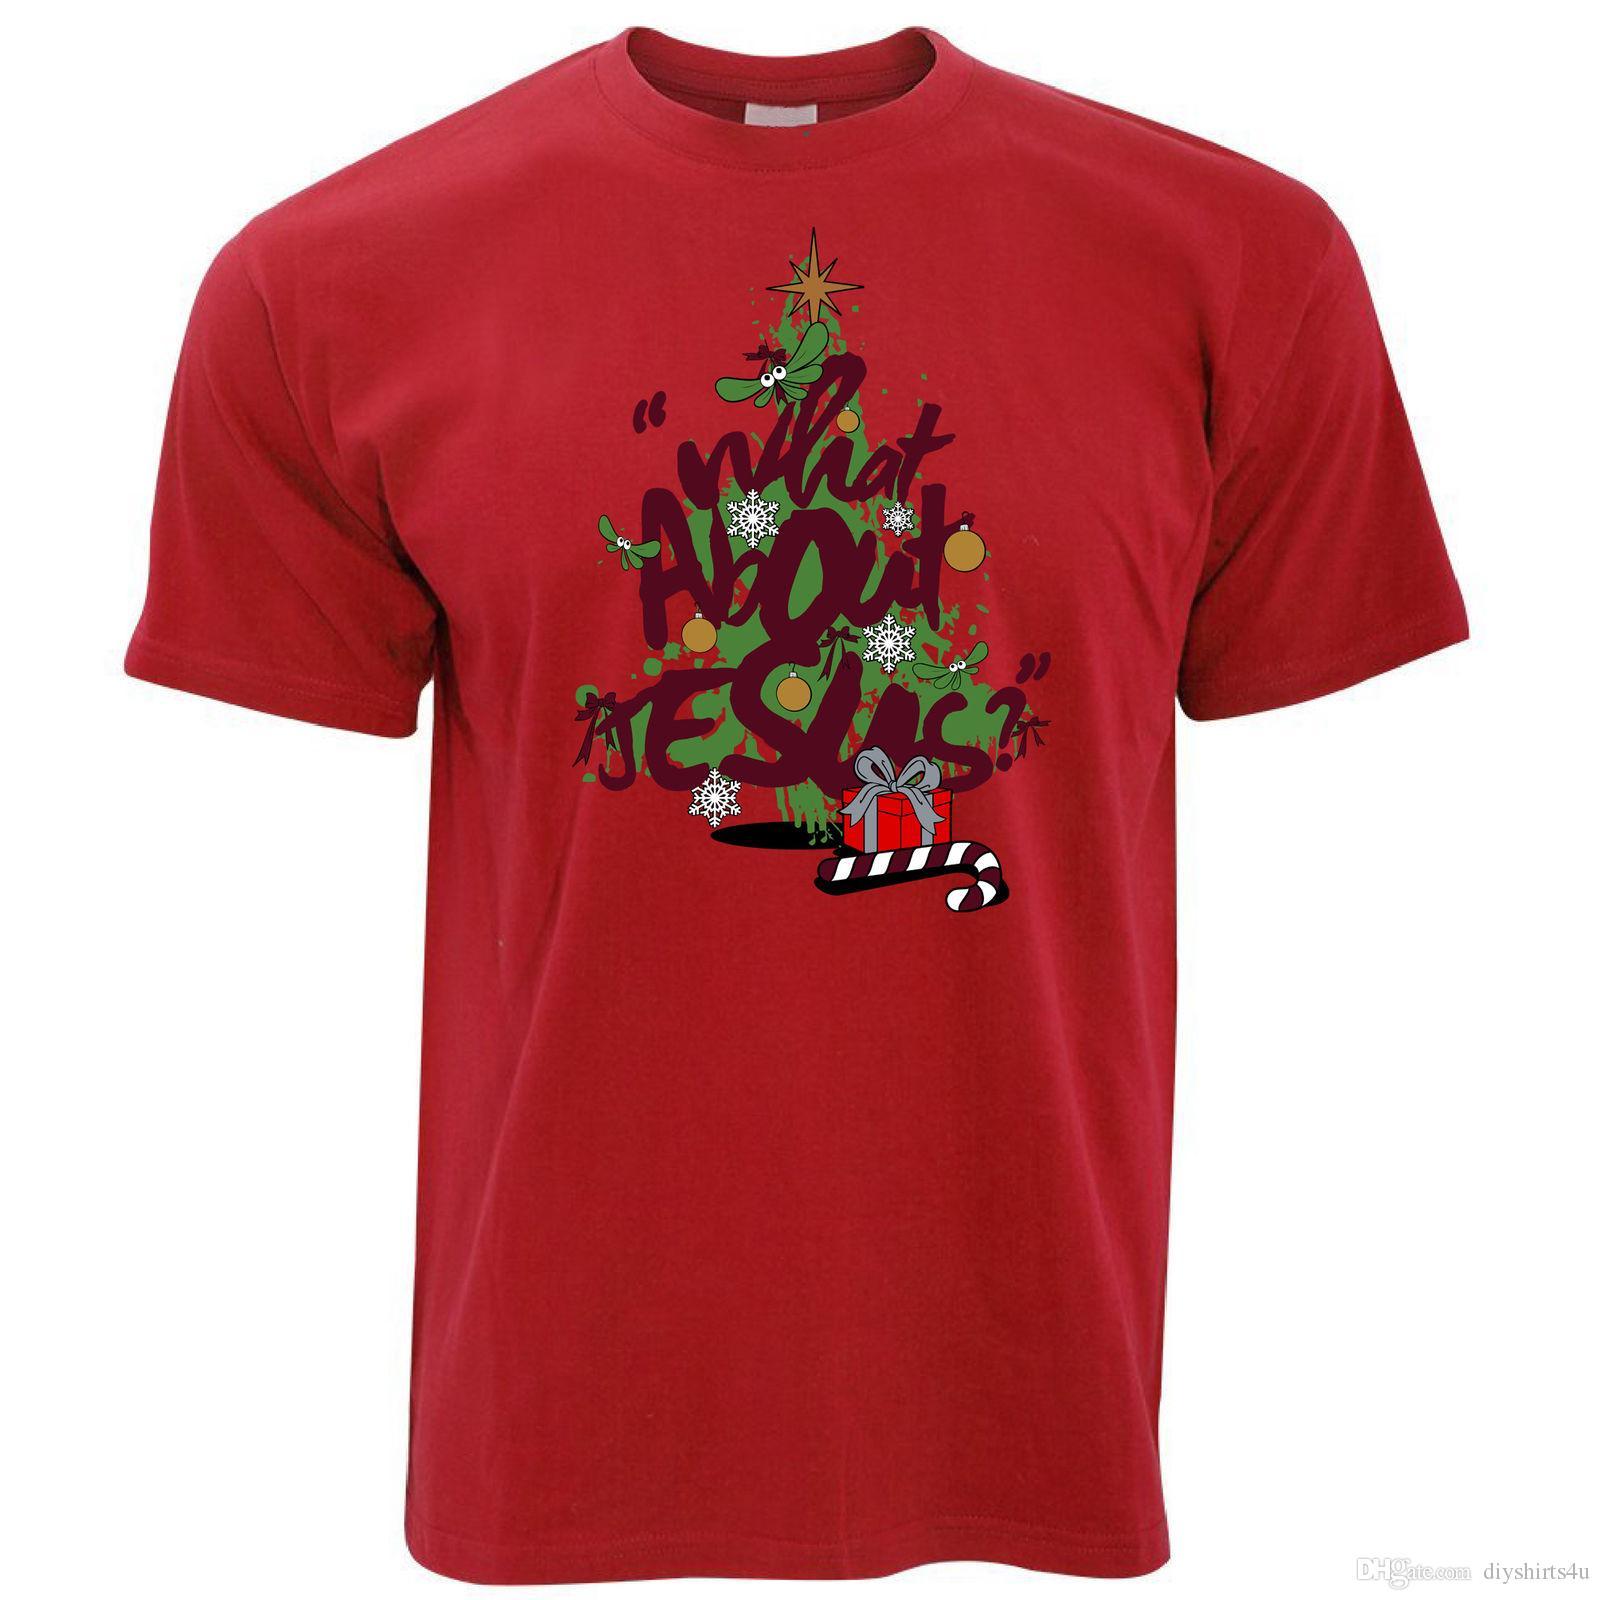 Compre Camiseta De Navidad ¿Qué Hay De Jesús  Graffiti Punk Árbol De Navidad  Arte Vandalismo Camiseta Hombres Hombre Popular De Manga Corta Día De  Acción De ... d639c7b5068b6